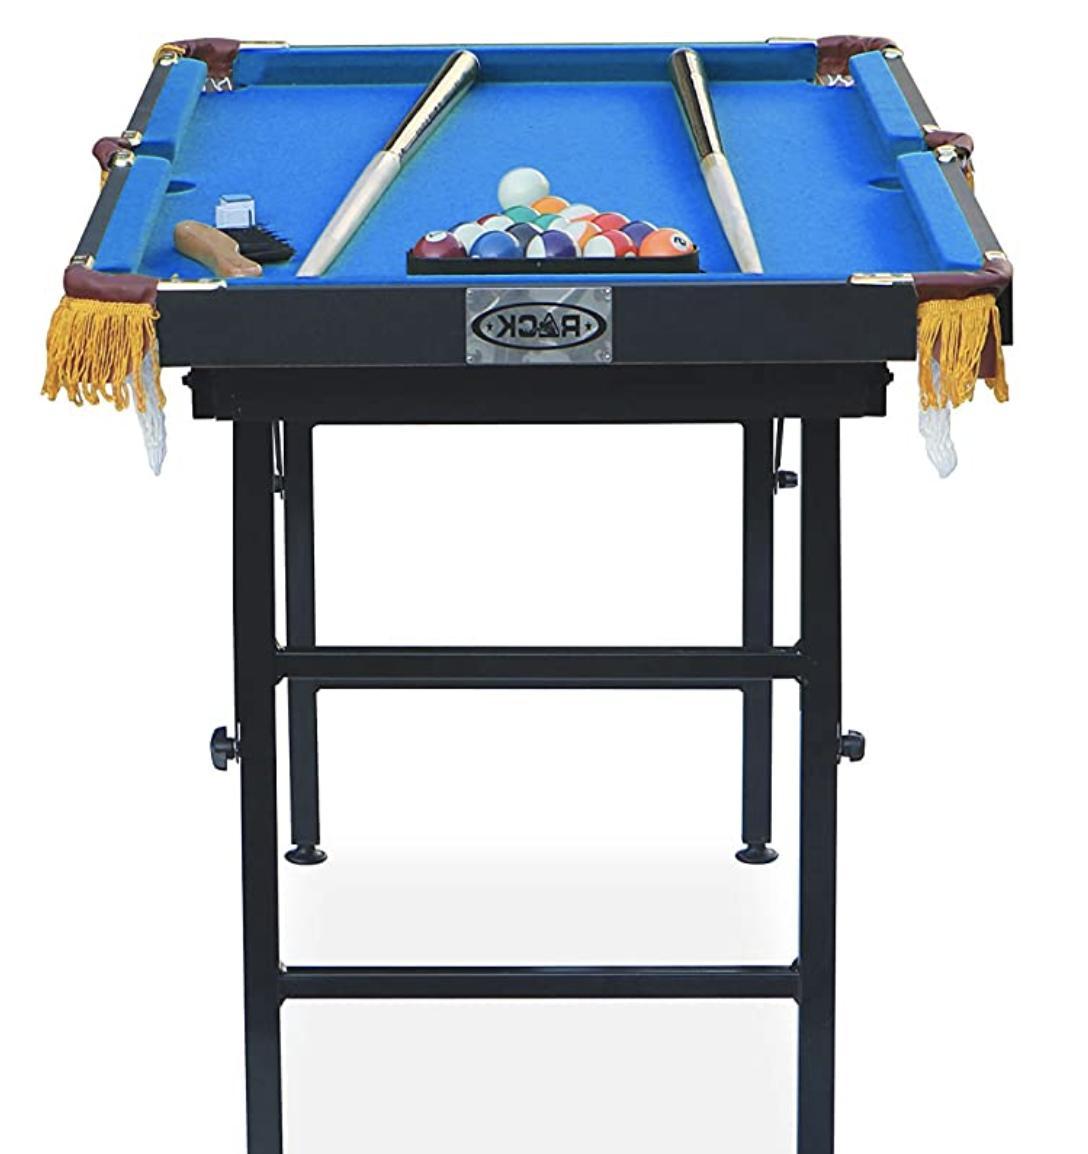 Rack Leo Billiard/Pool Table